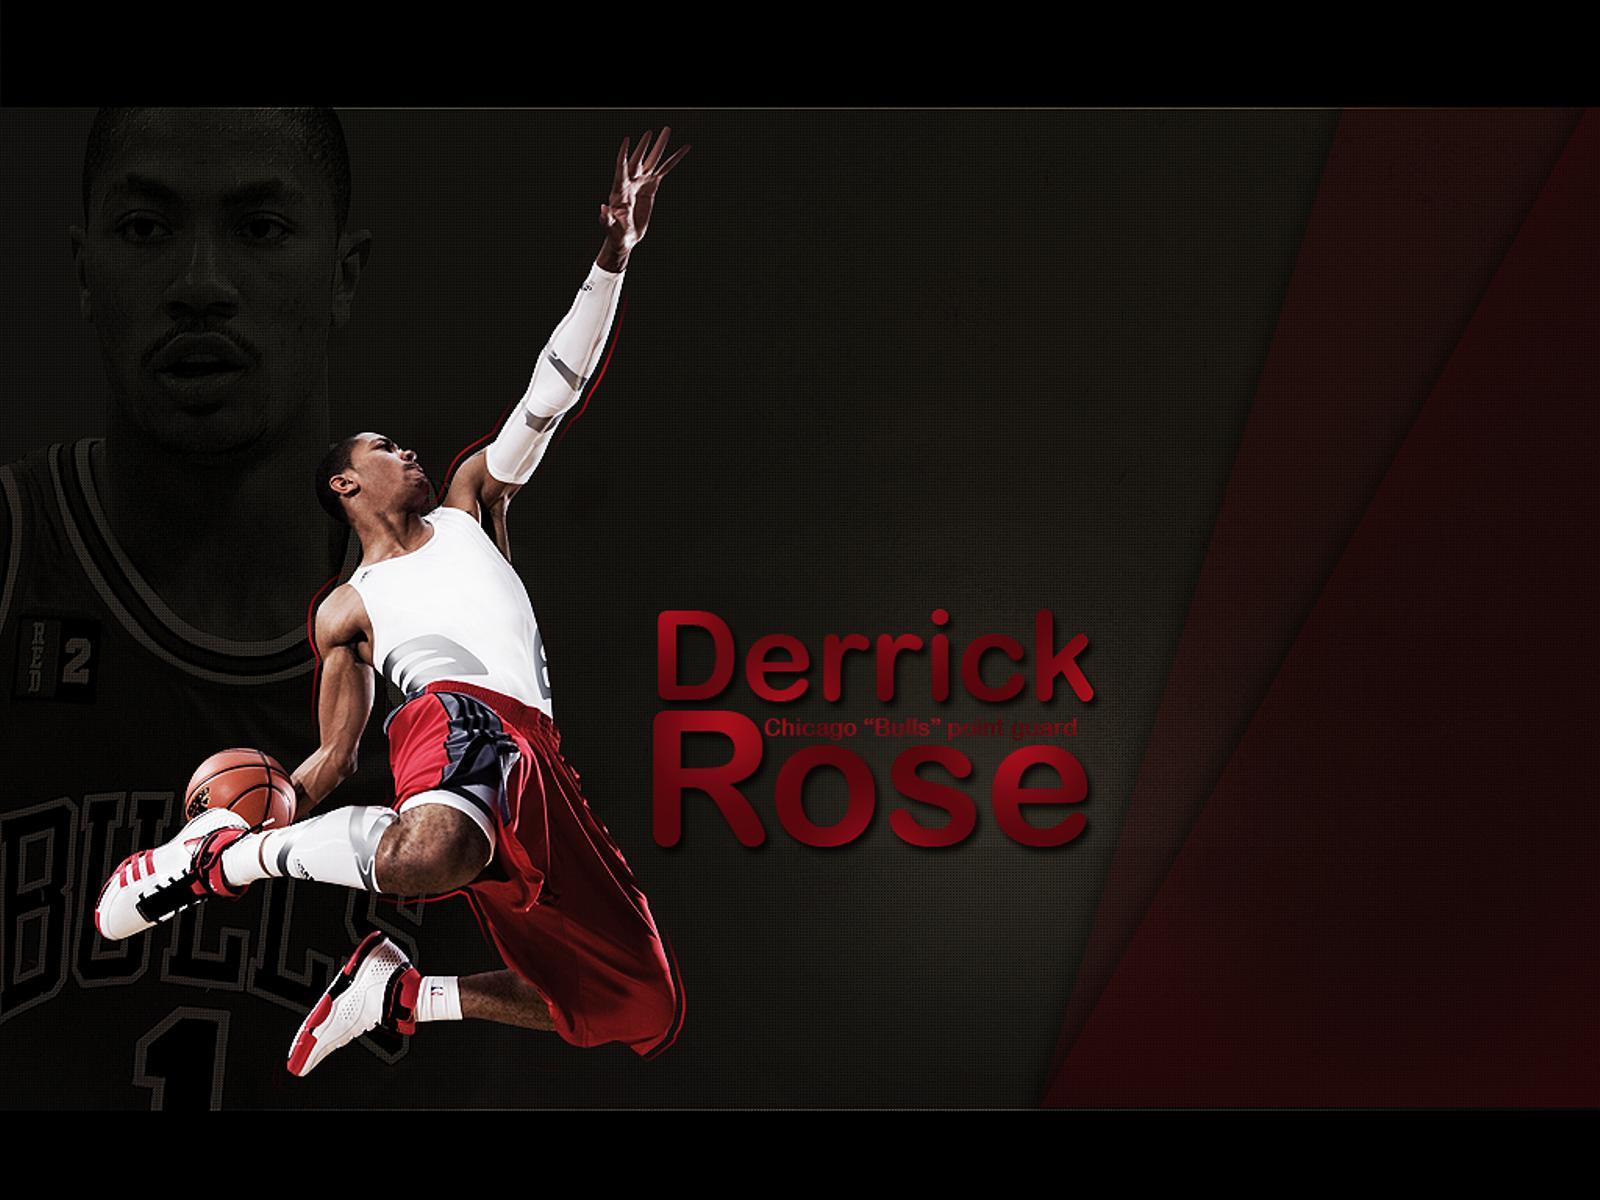 Derrick Rose Wallpaper Hd Free Download Derrick Rose Wallpaper Hd Pixelstalk Net